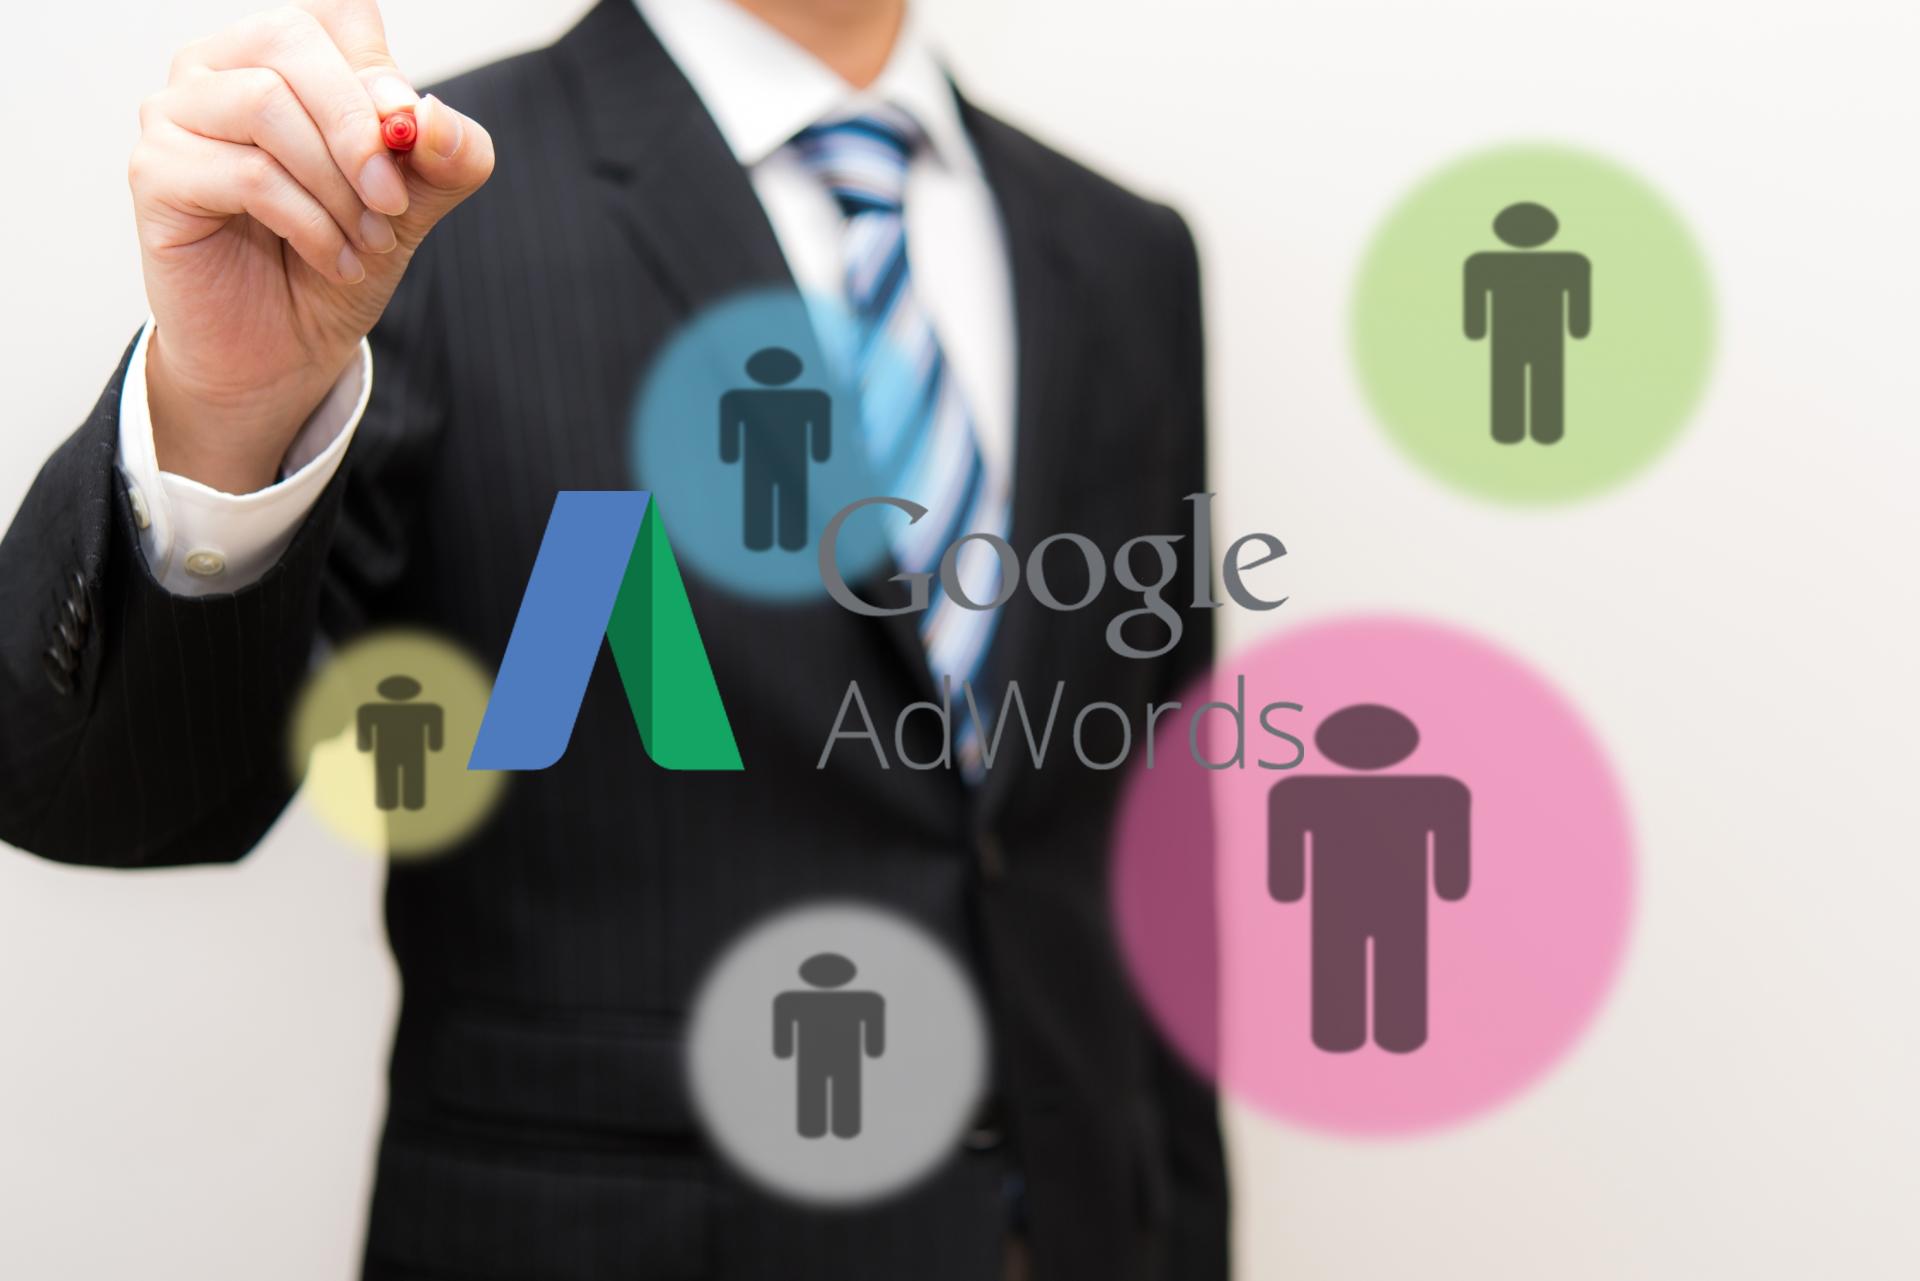 ECコンサルが教えるGoogleAdwordsのユーザー属性でのターゲティング配信設定